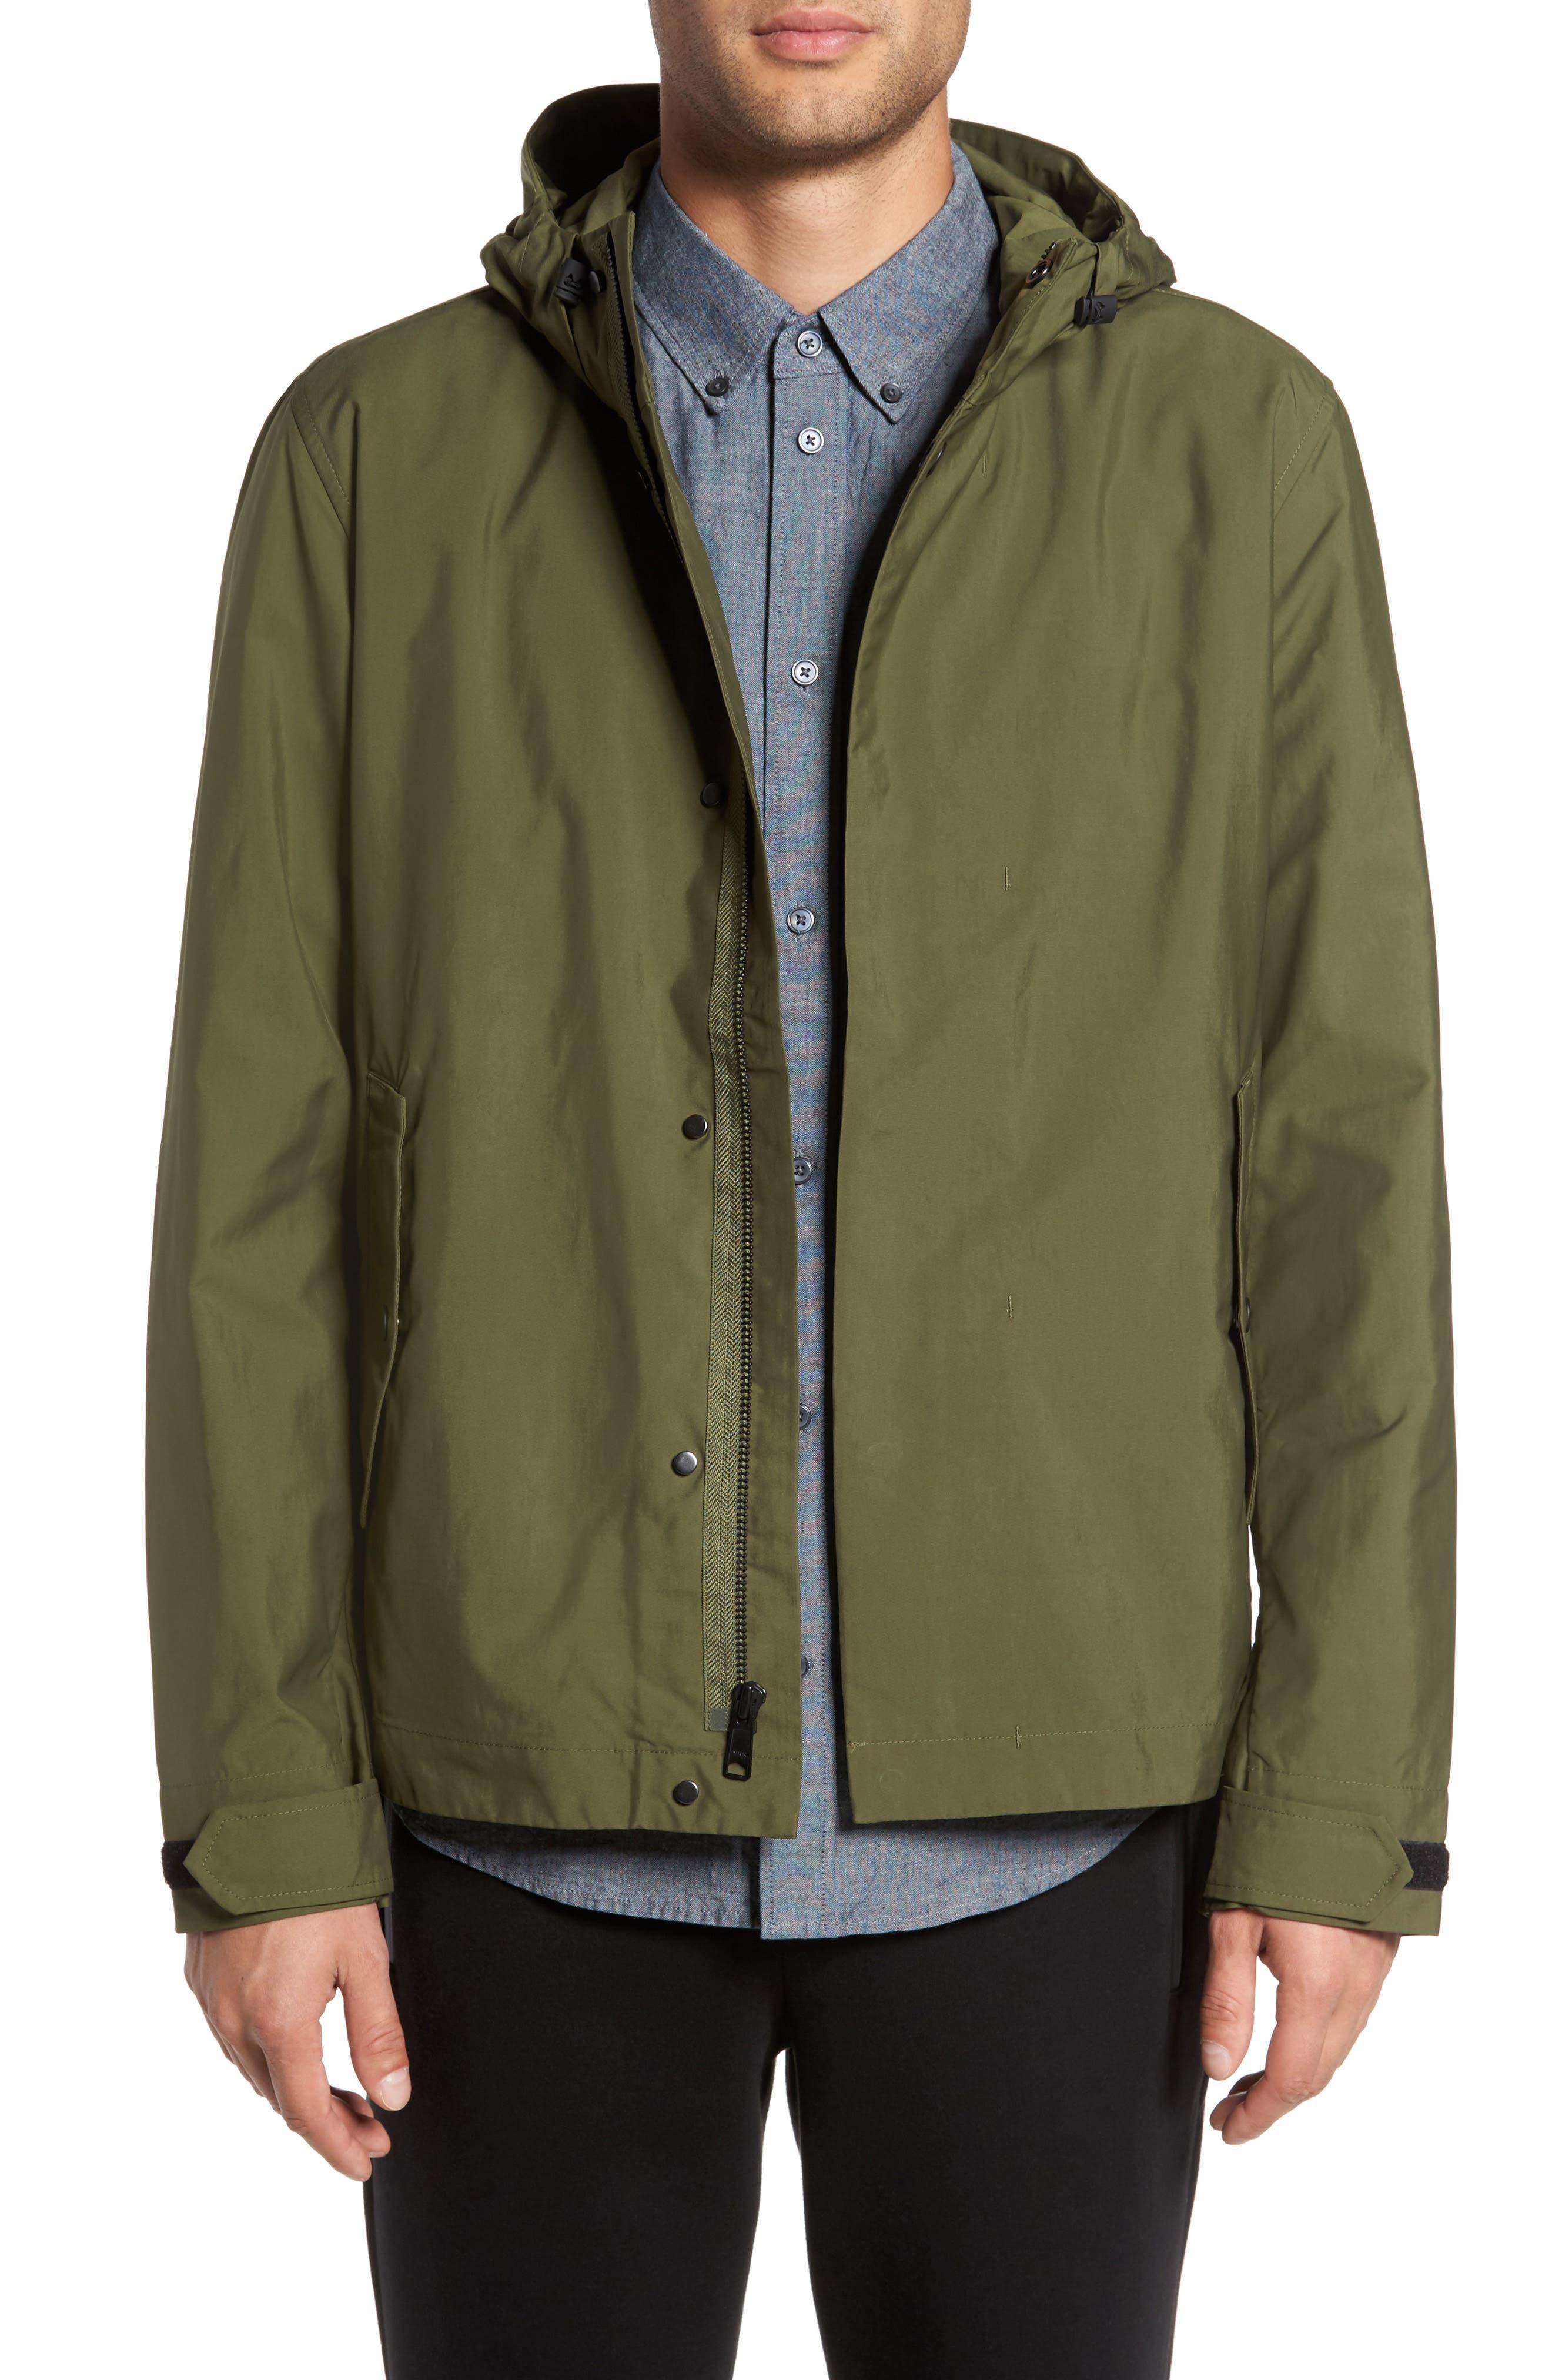 Main Image - Everlane The City Jacket